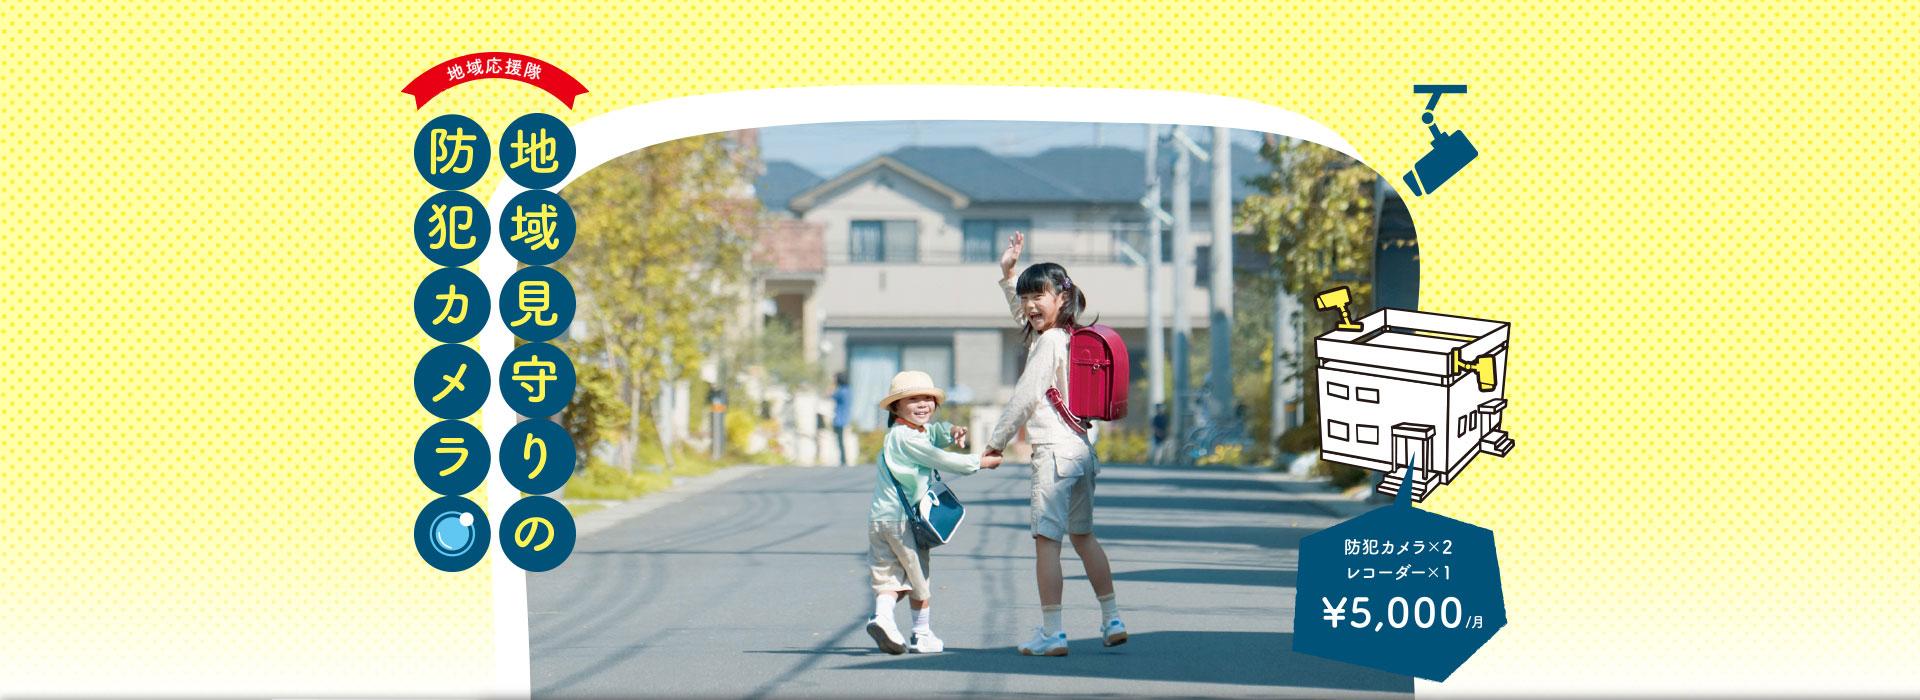 タウンクロス熊本営業所みまもりカメラ